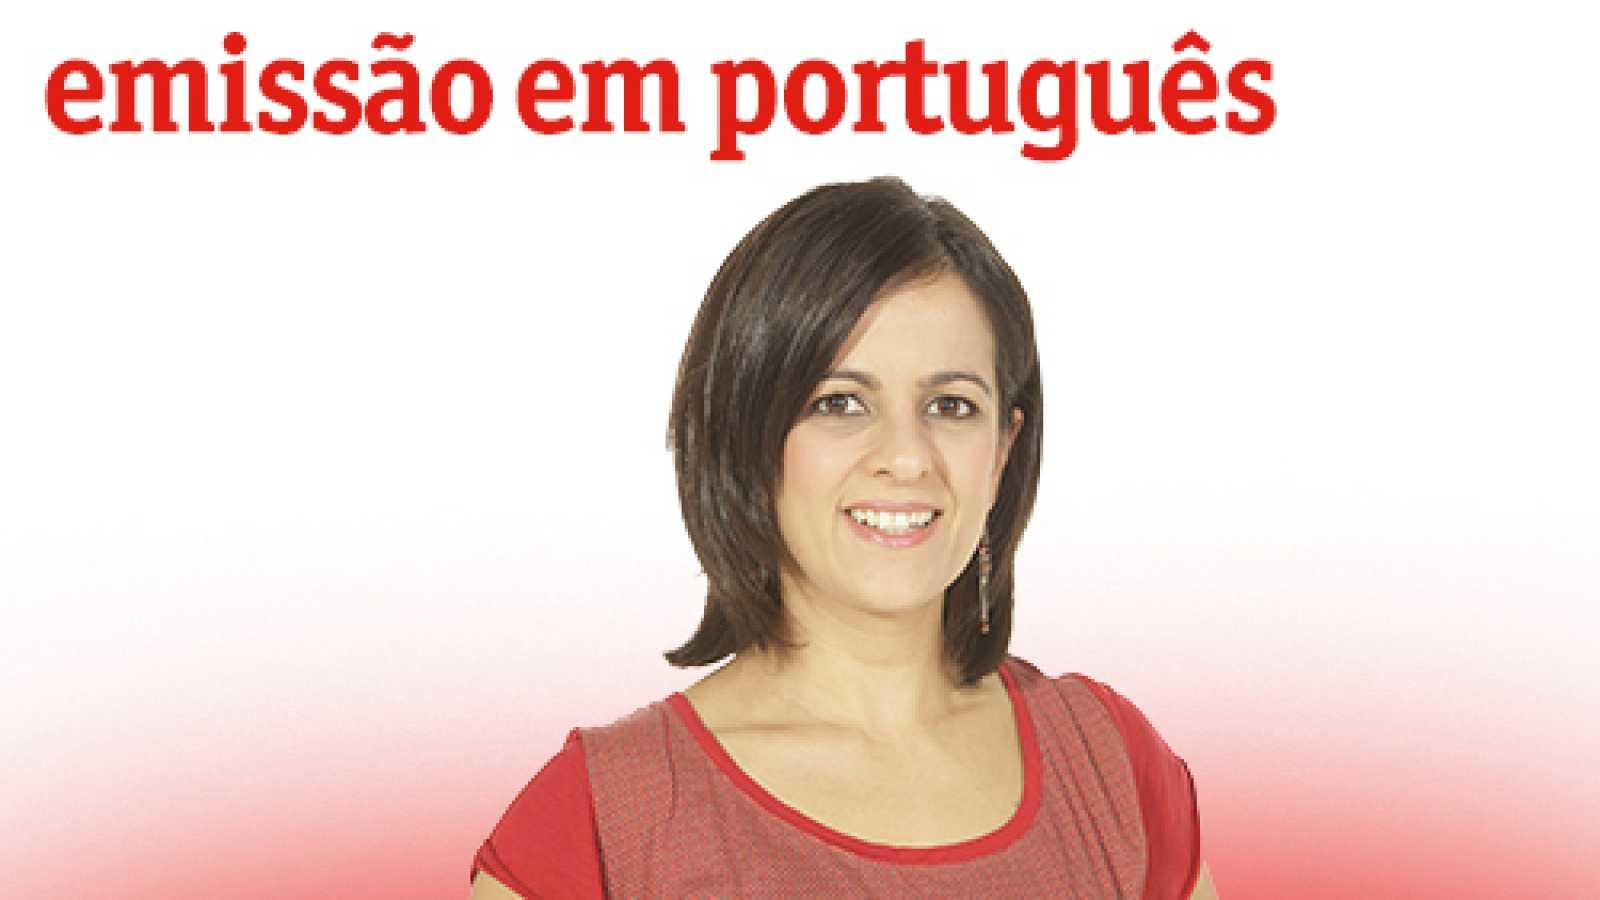 Emissão em Português - Seleção musical para comemorar o Ano Novo - 31/12/20